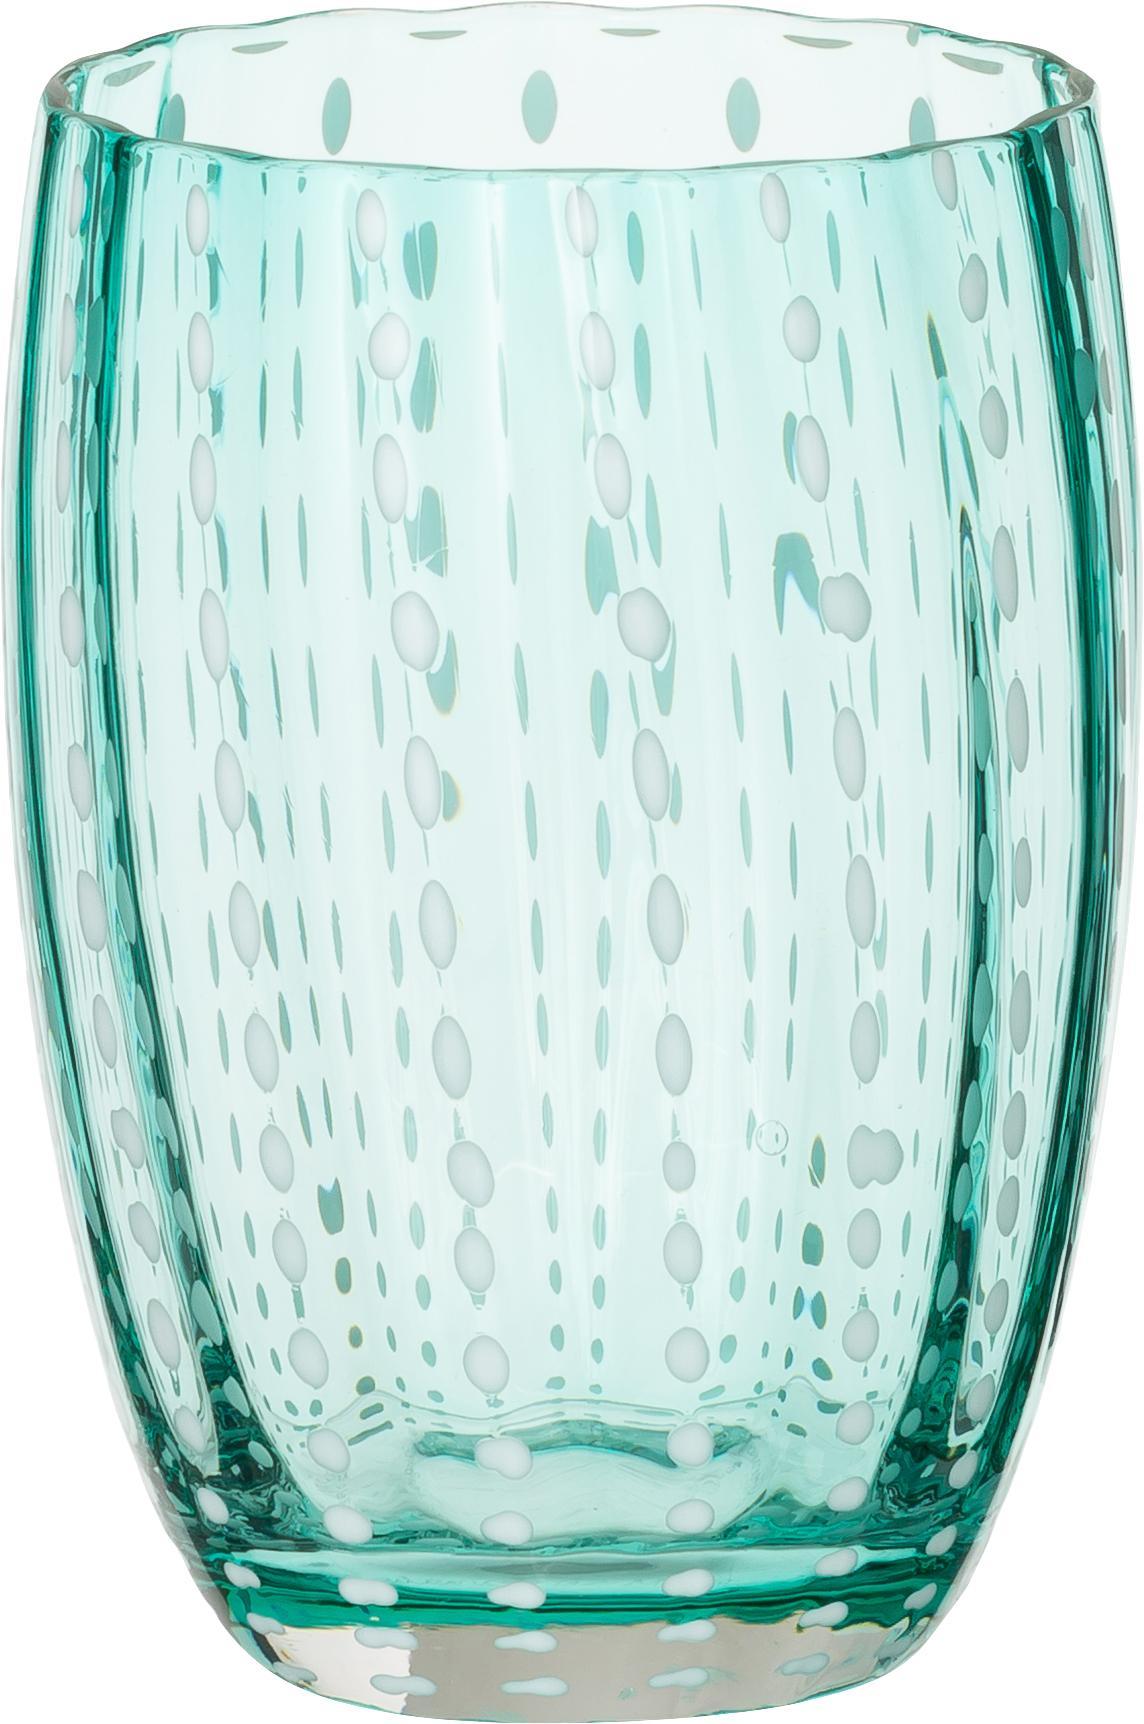 Ensemble de verres à eau soufflés bouche Perle, 6élém., Transparent, blanc, aqua, ambré, violet pastel, rouge et vert